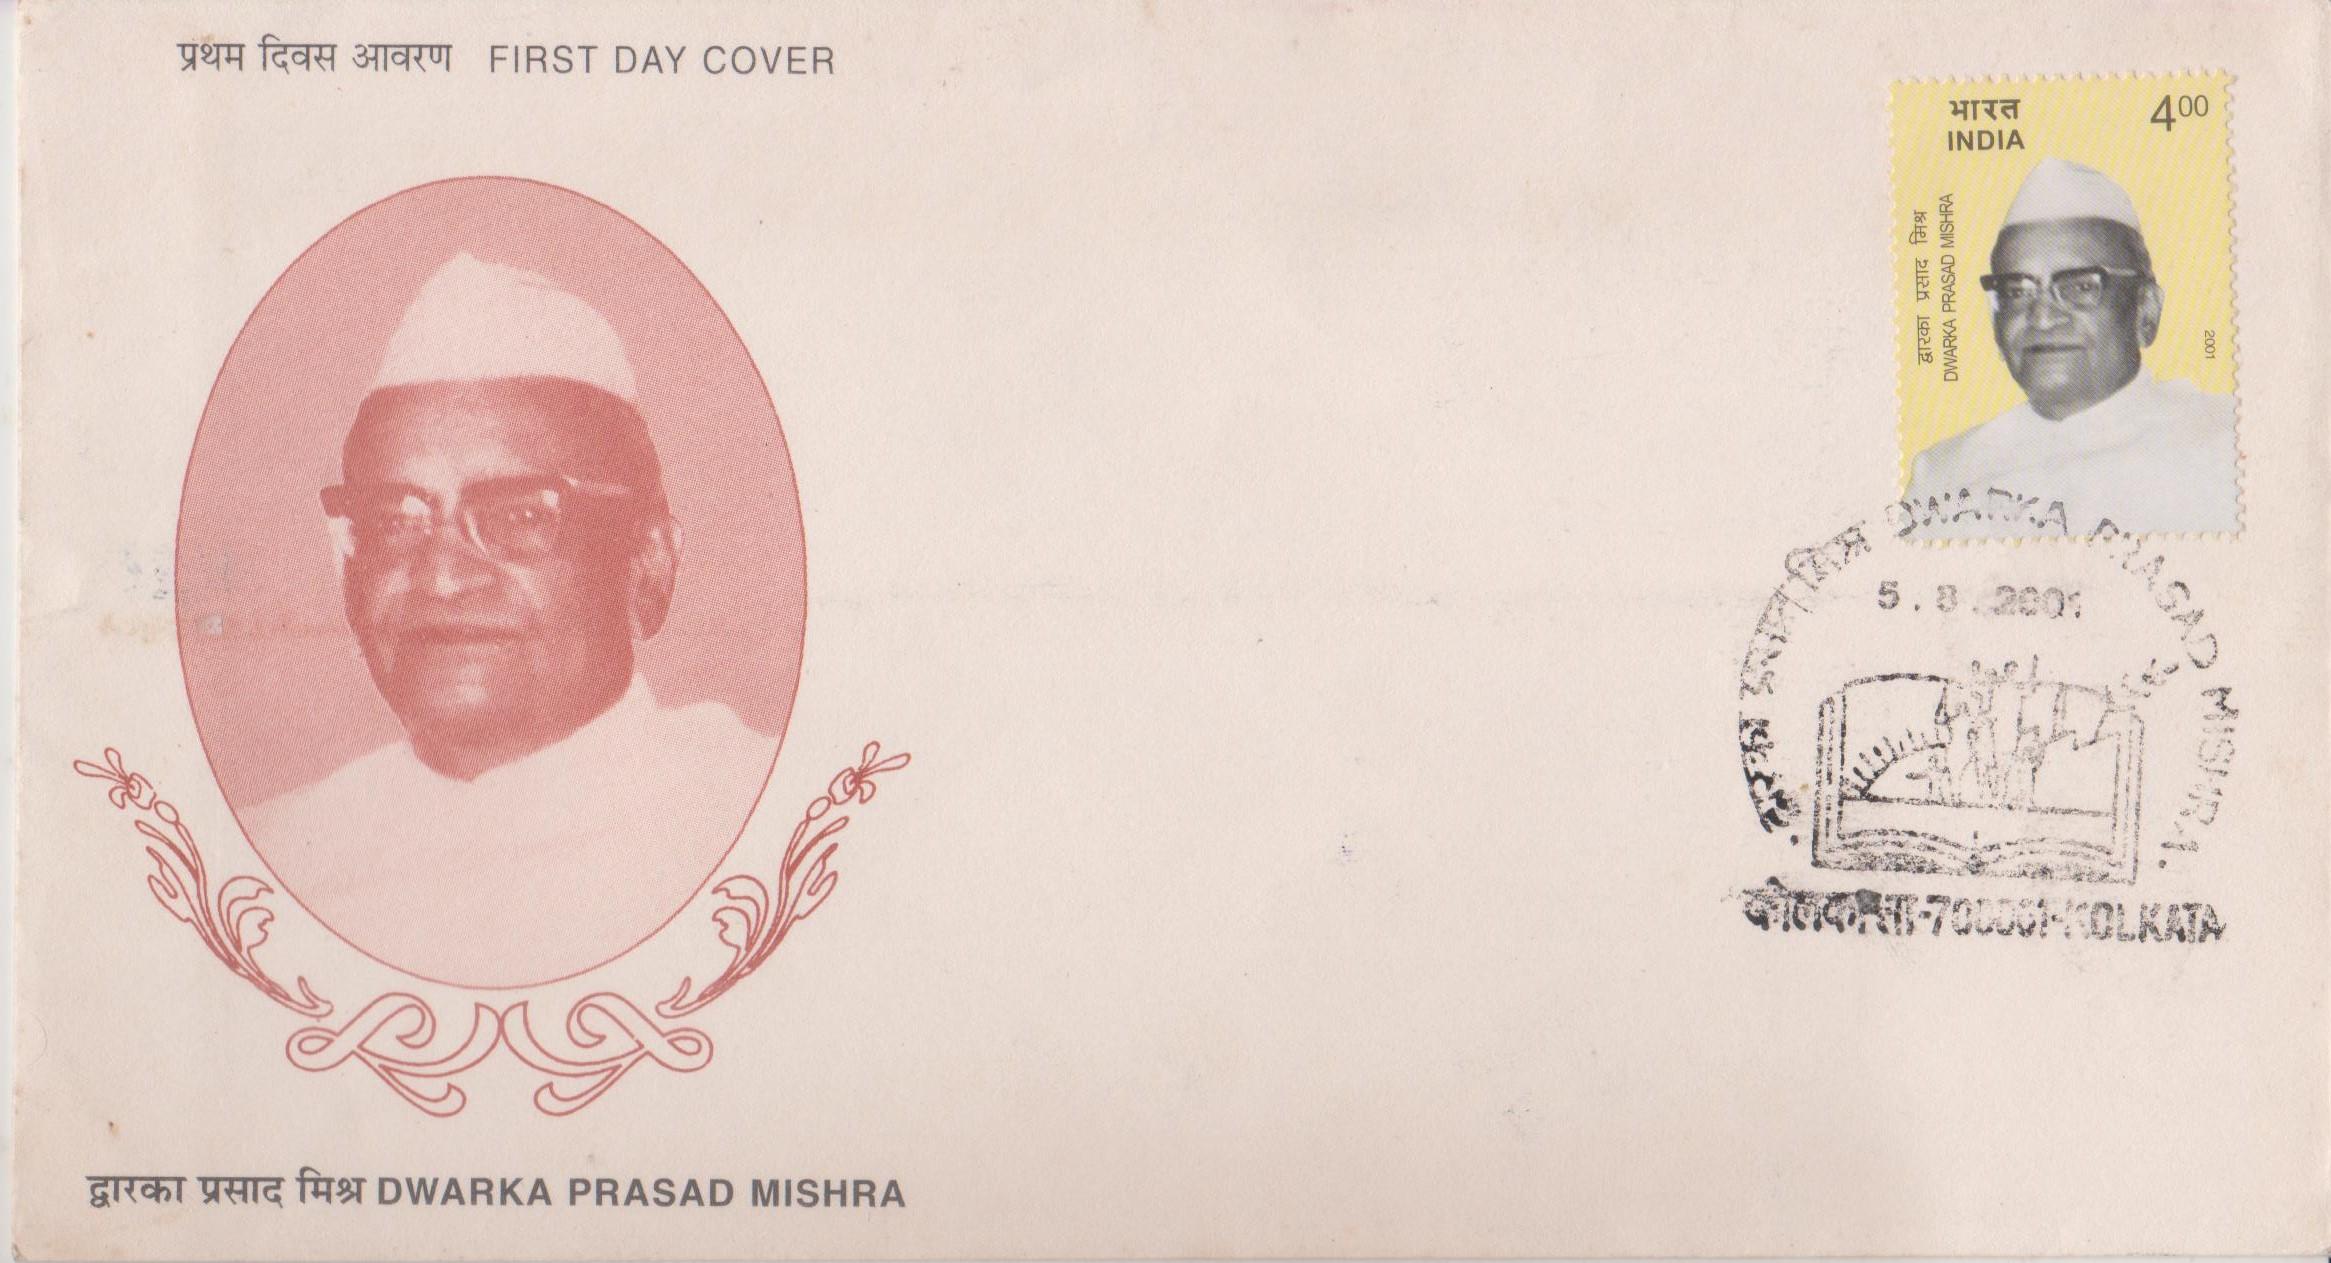 Chief Minister of Madhya Pradesh